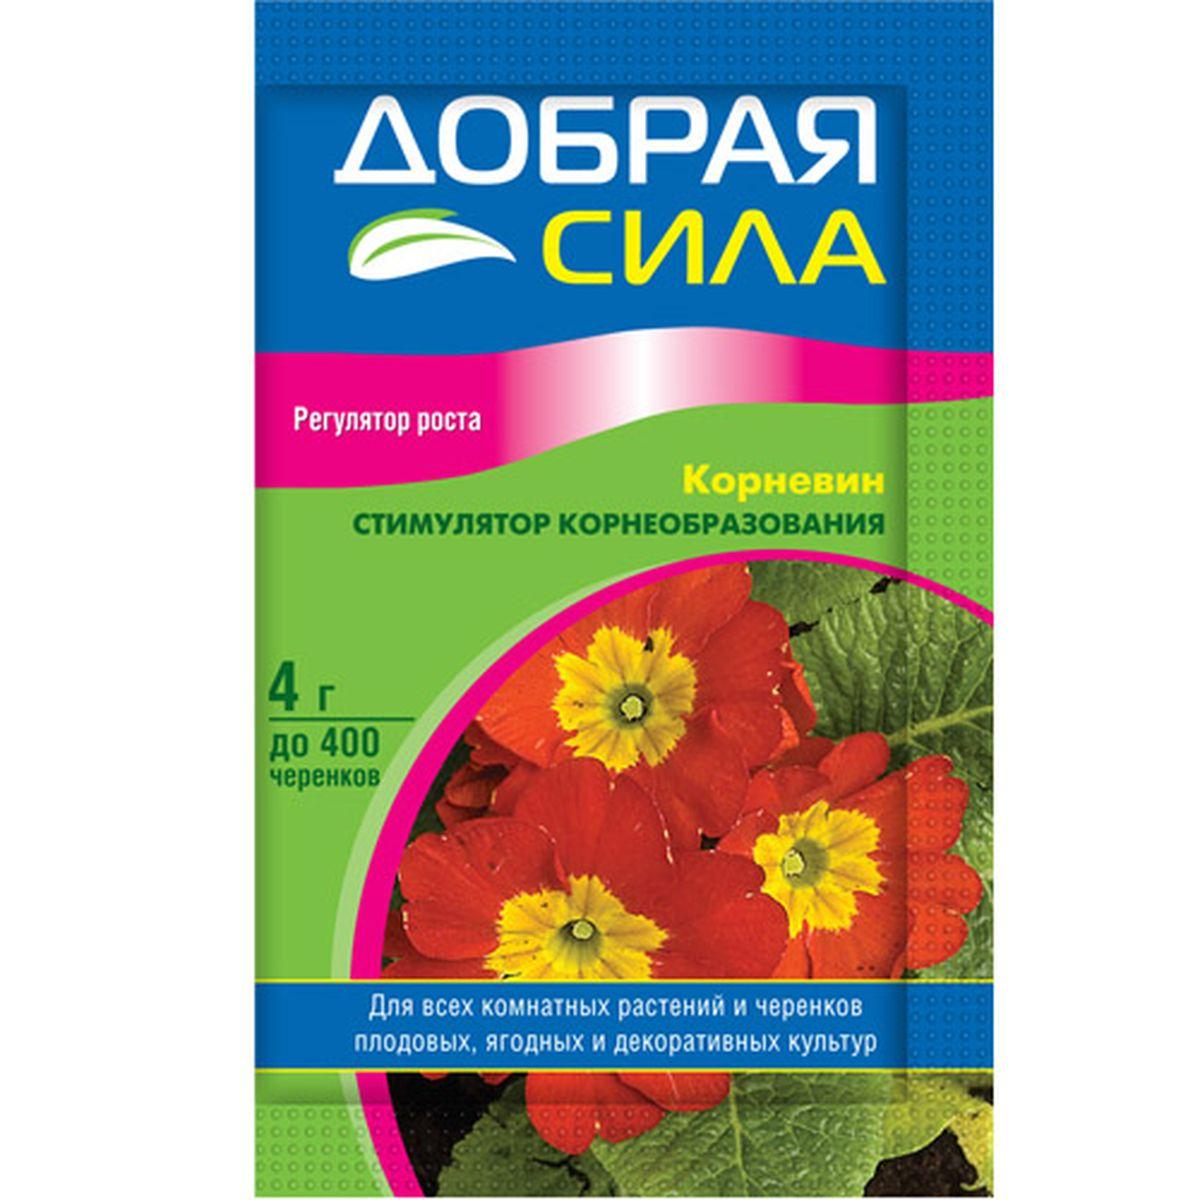 Стимулятор корнеобразования Добрая Сила, 4 гDS-25-01-001-1Регулирует рост растений. Улучшает приживаемость и рост черенков плодовых, ягодных и декоративных культур.